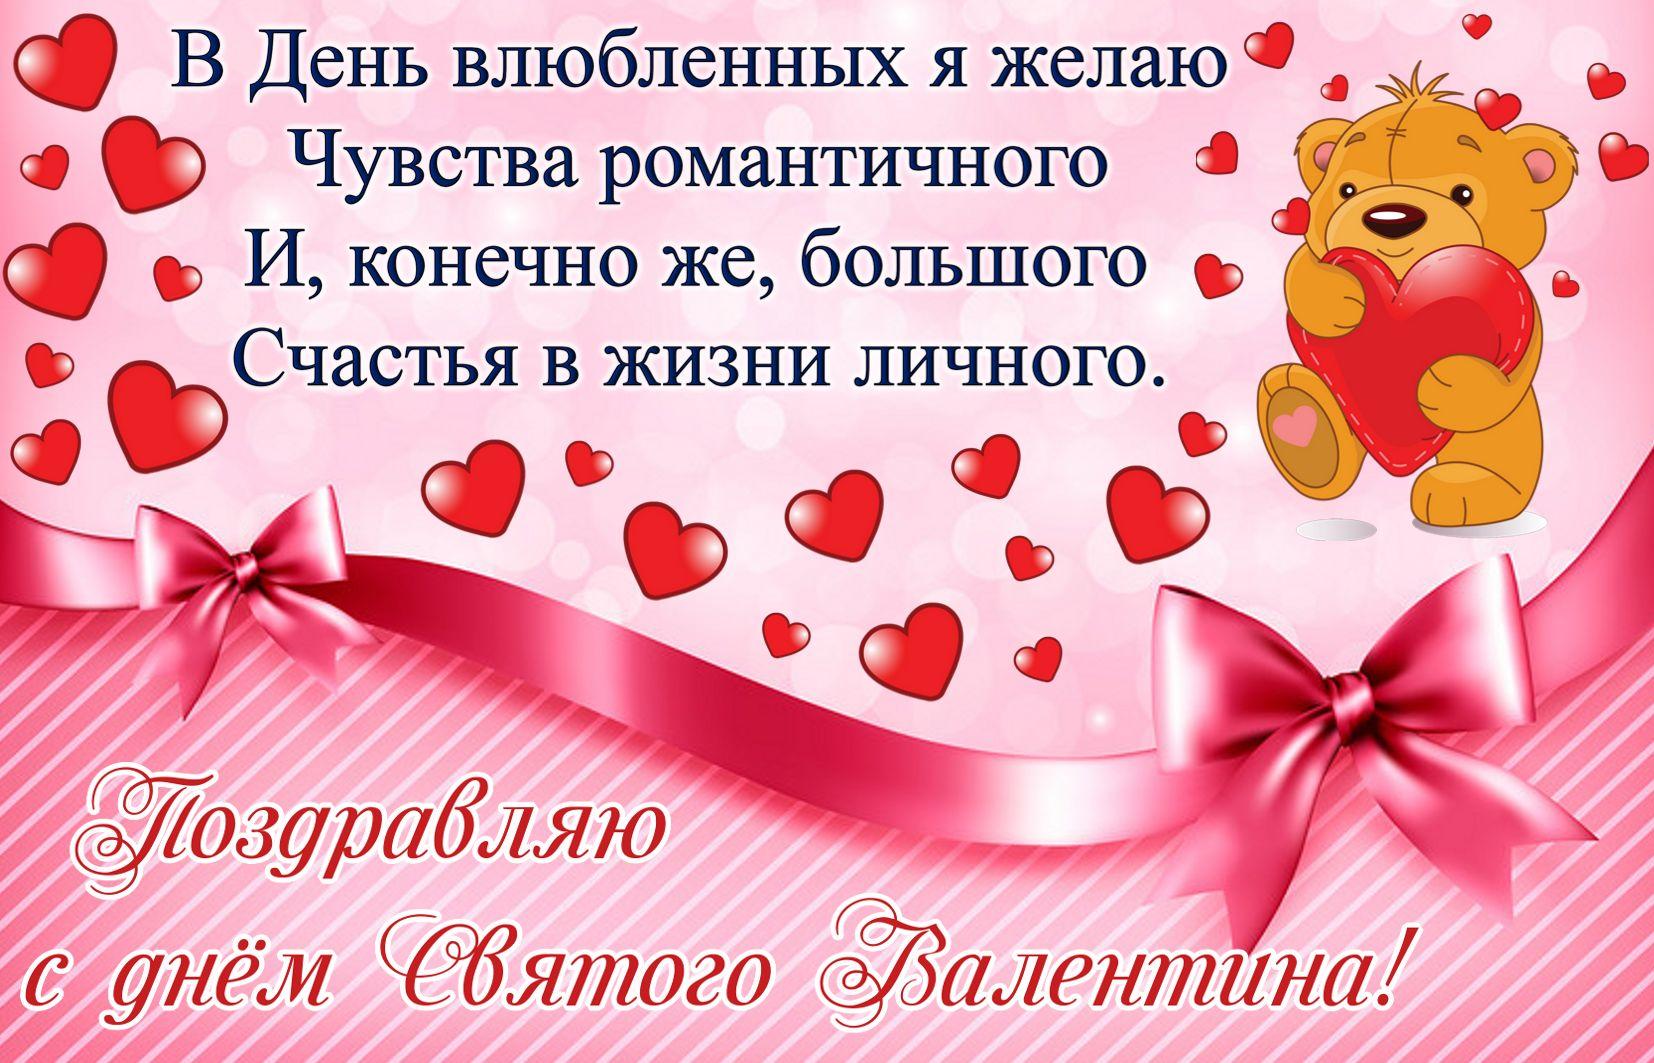 Поздравления с днем святого валентина себя